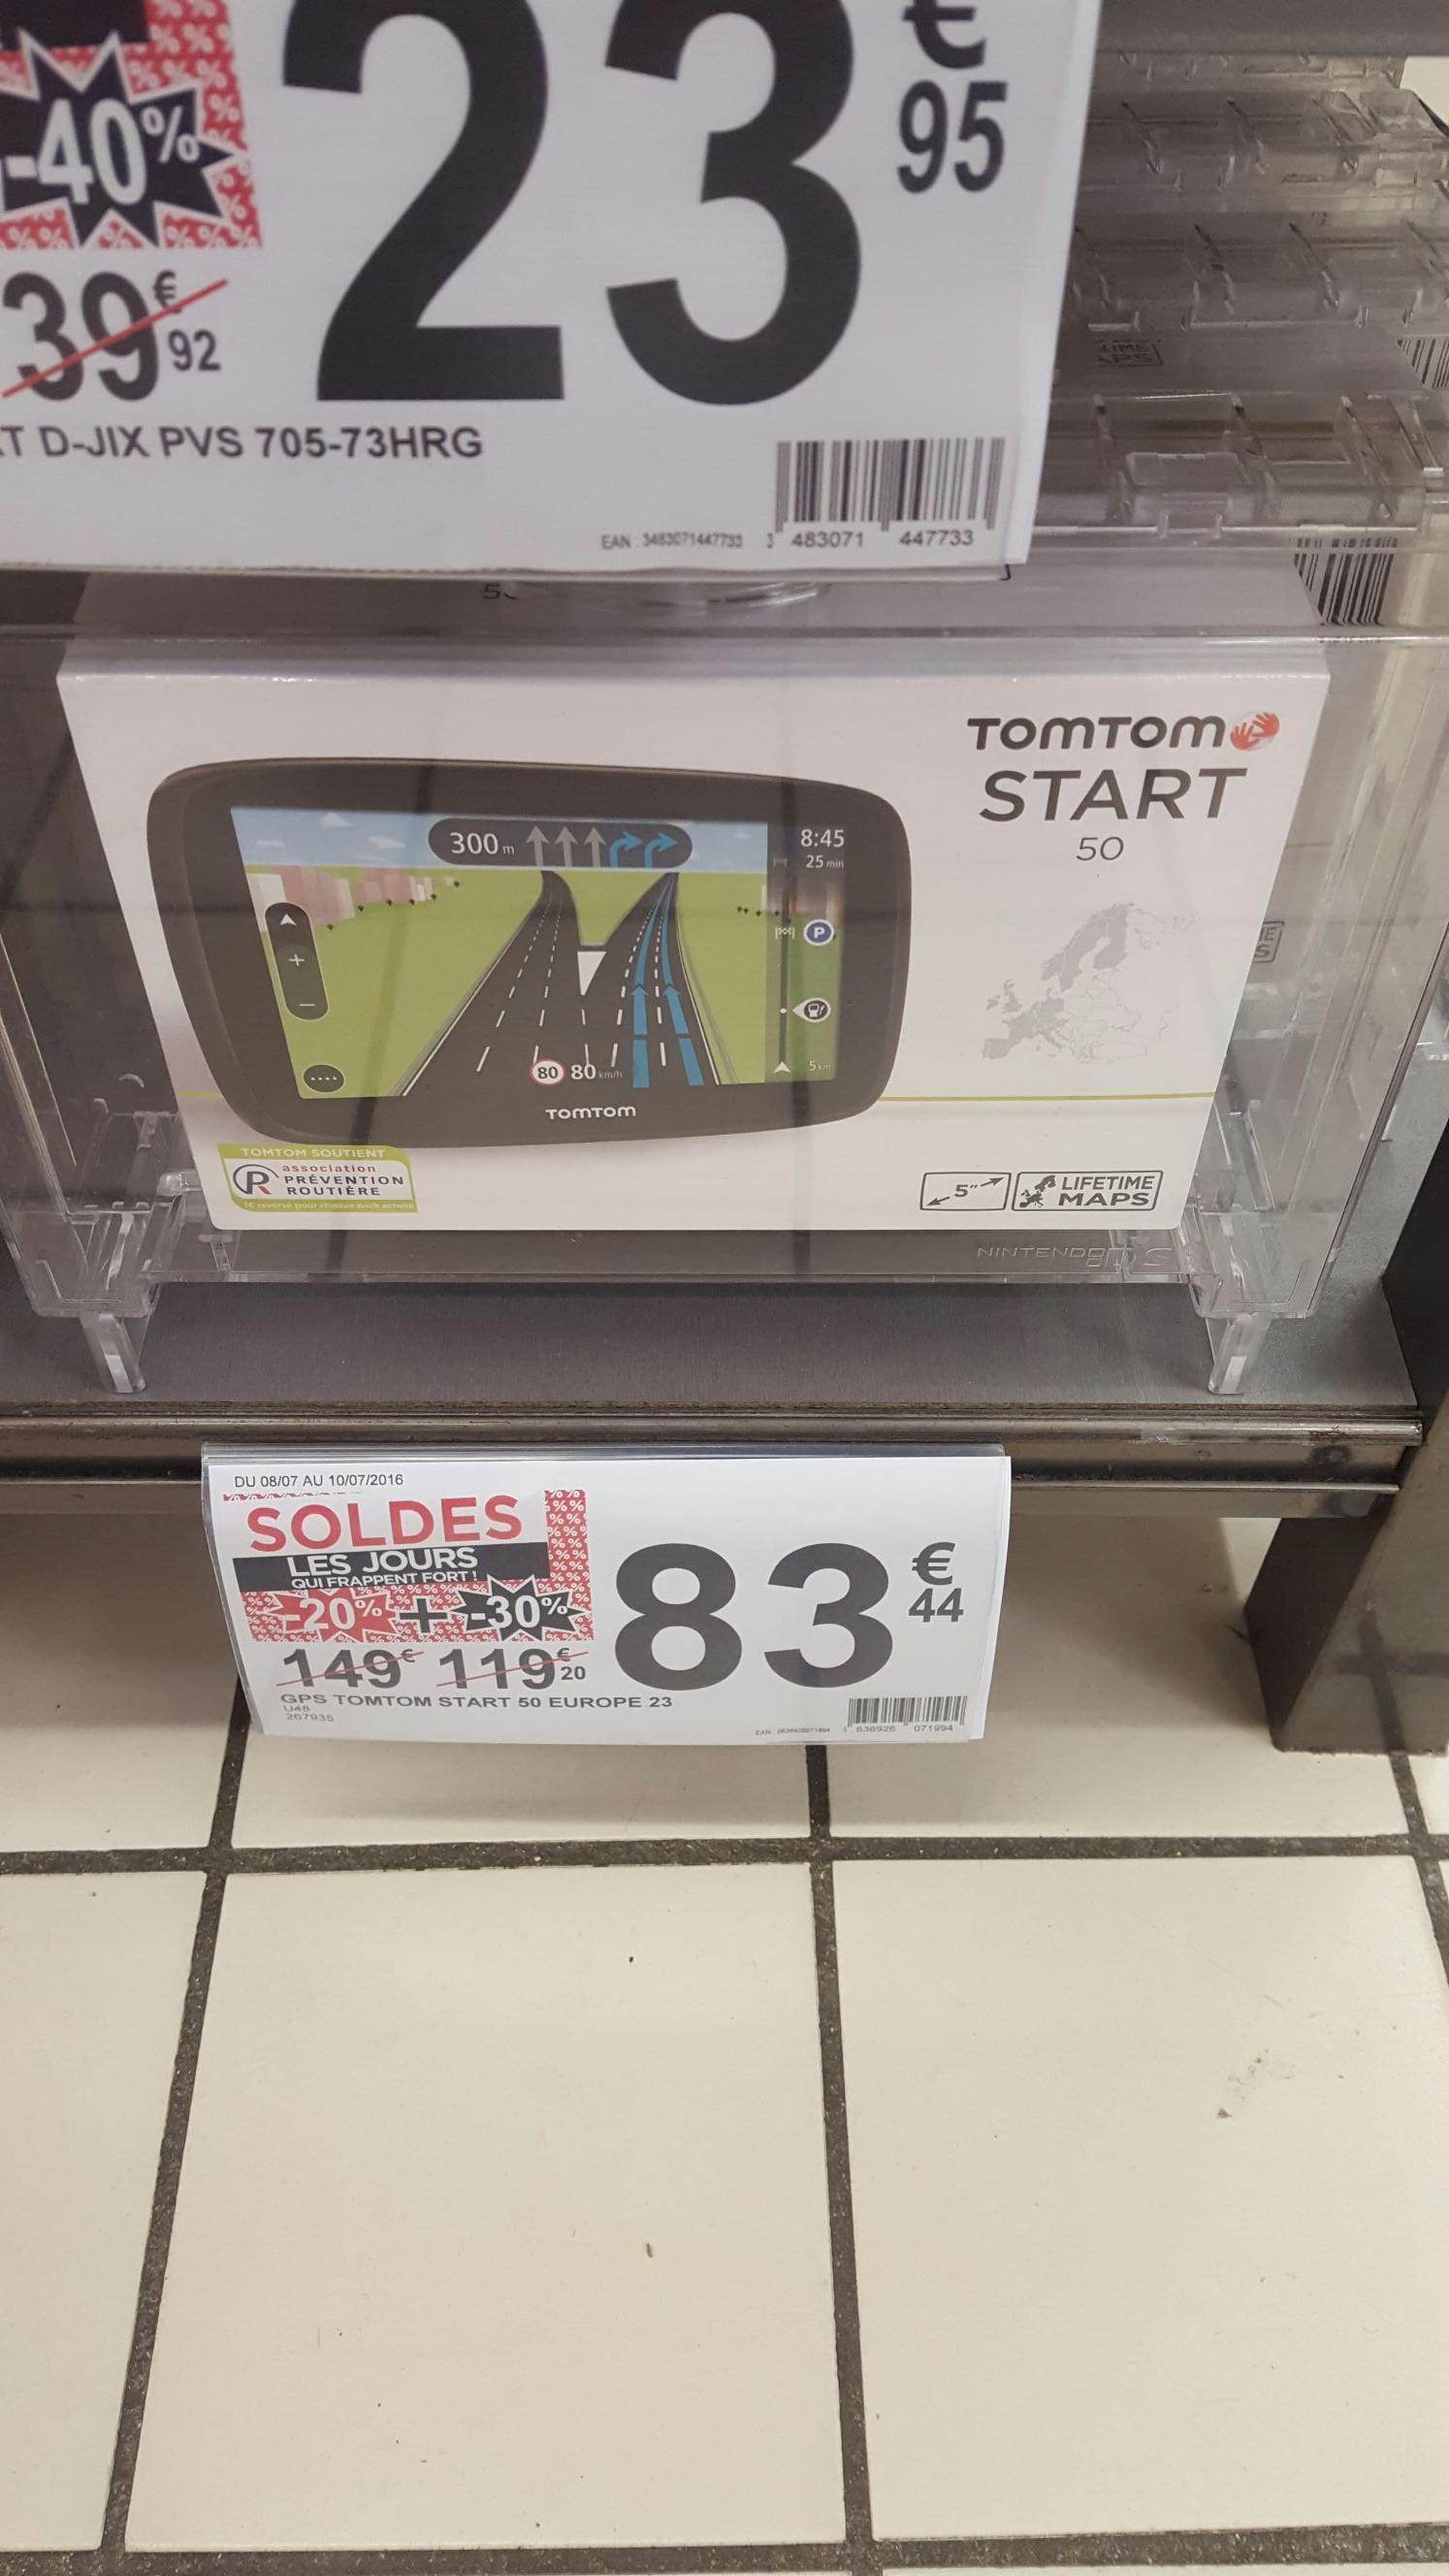 GPS Tomtom Start 50 Europe 23